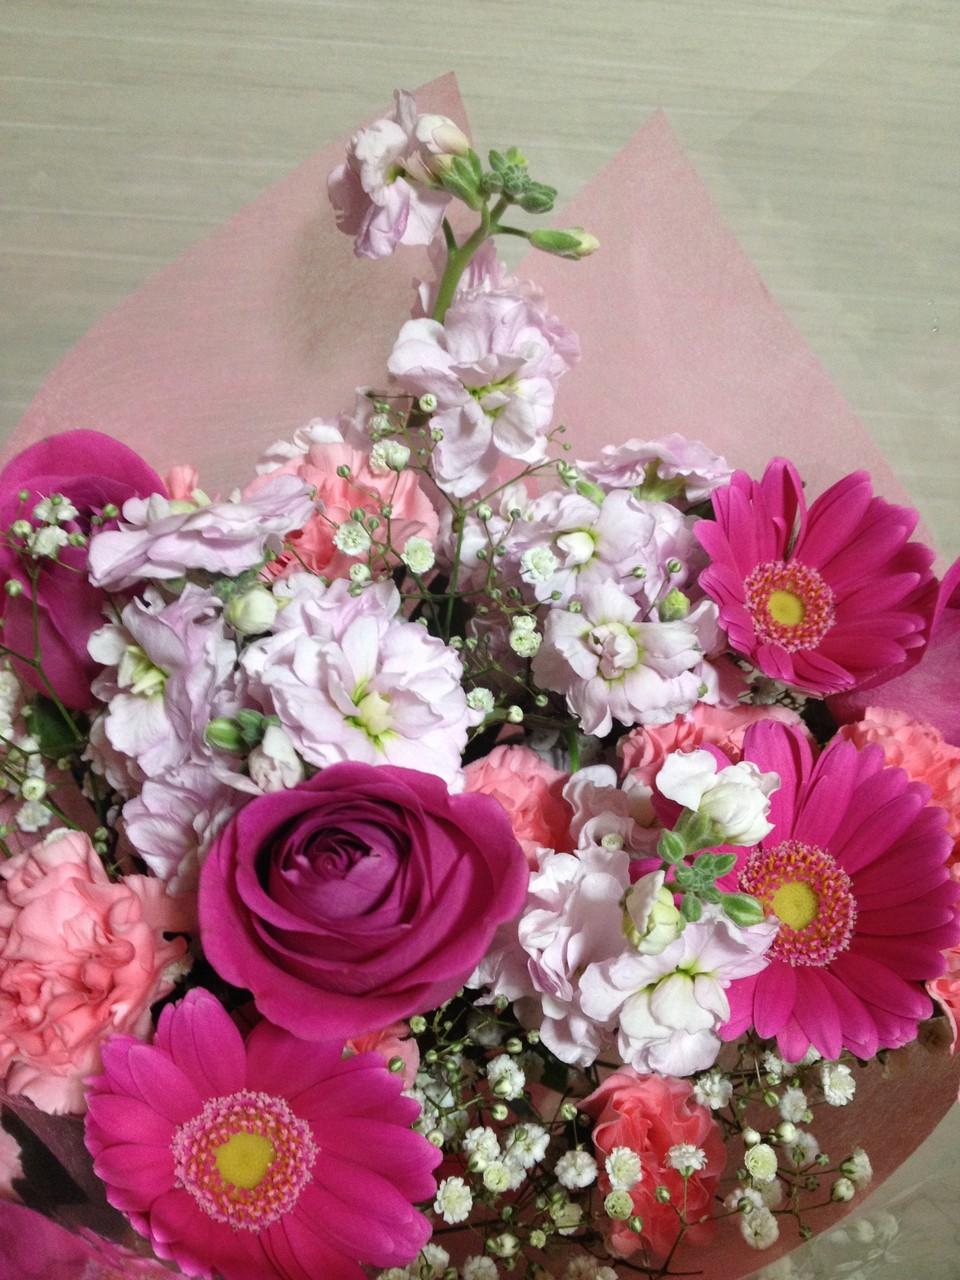 いただいたお花やプレゼント、ありがとうございました。